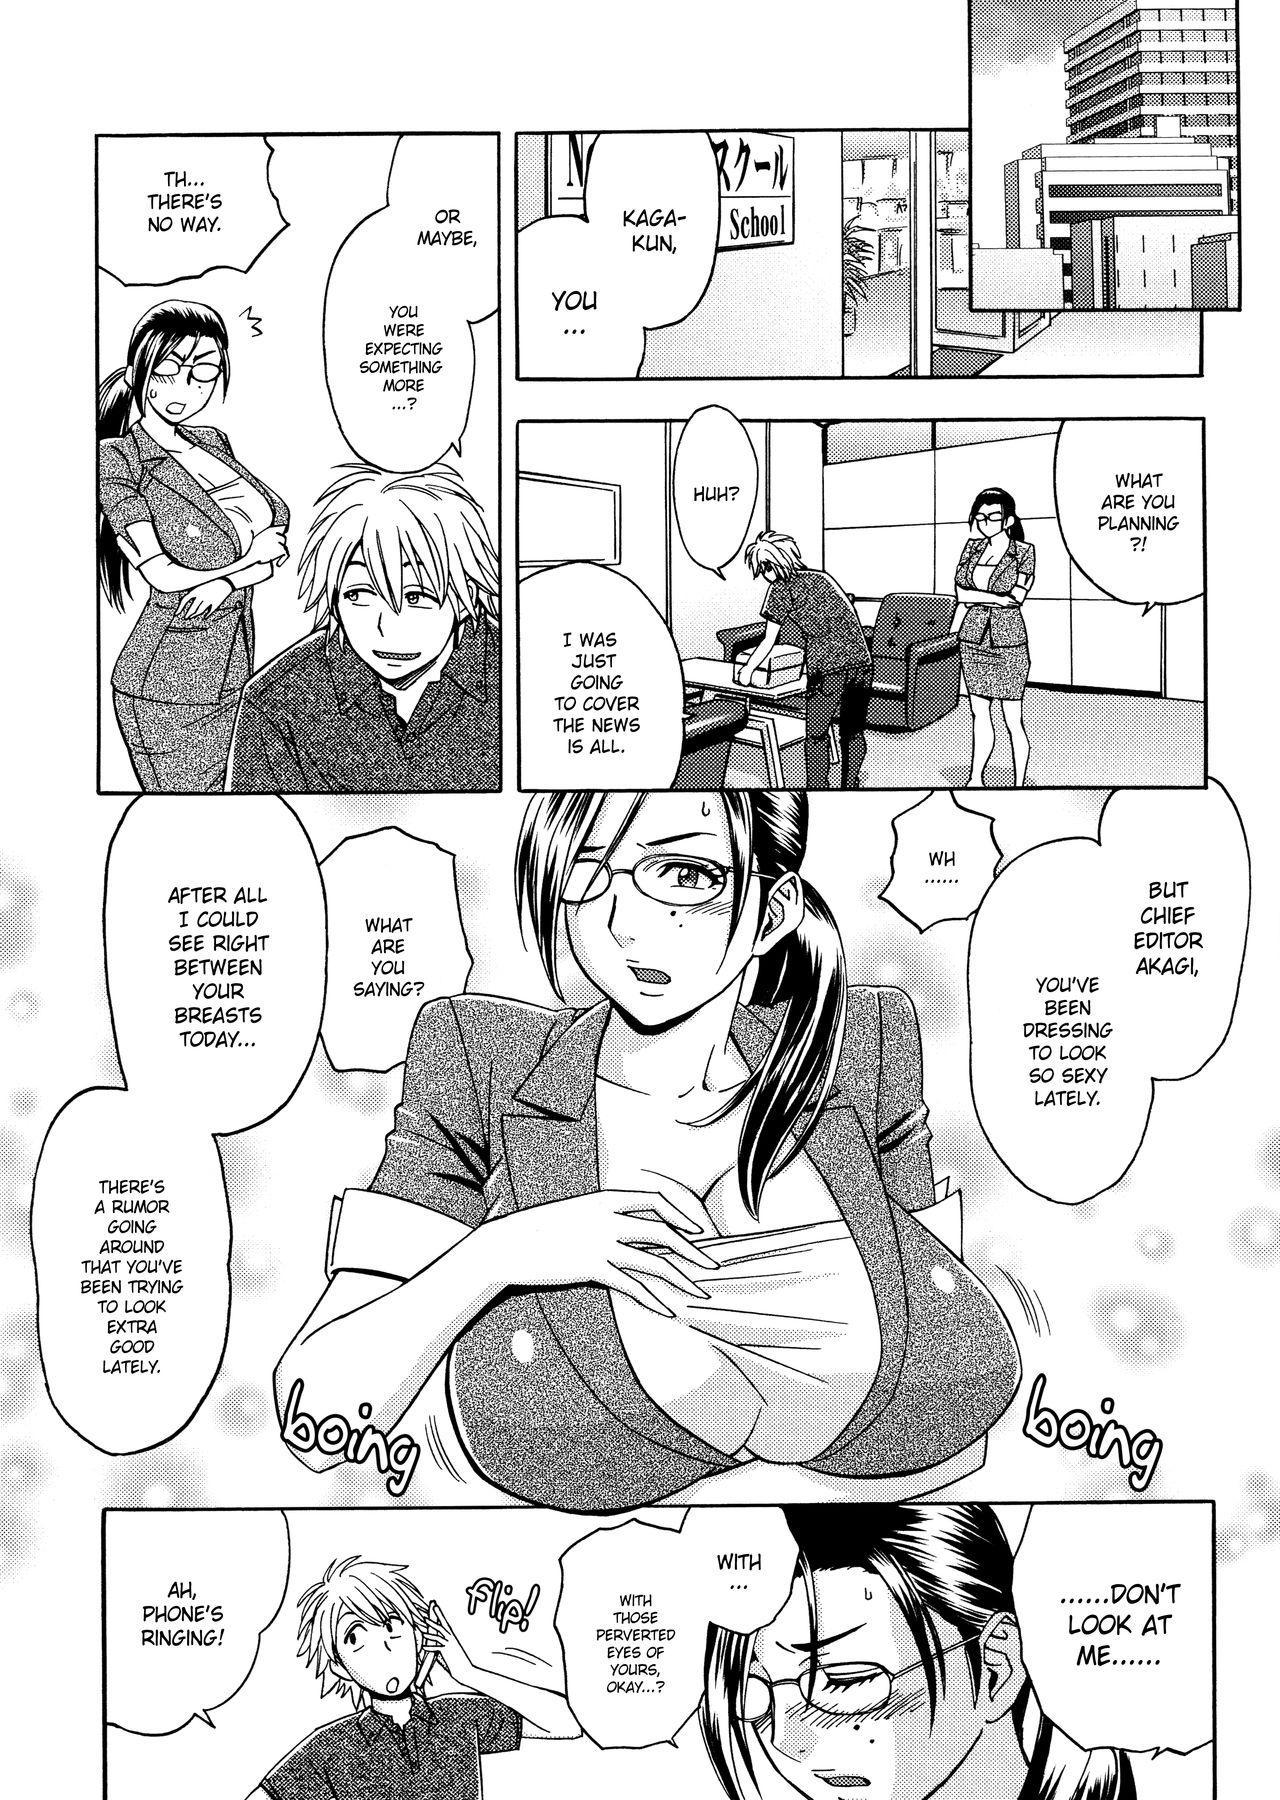 [Tatsunami Youtoku, Yamazaki Masato] Bijin Henshuu-chou no Himitsu | Beautiful Editor-in-Chief's Secret Ch. 1-5 [English] [Forbiddenfetish77, Red Vodka, Crystalium] [Decensored] 28